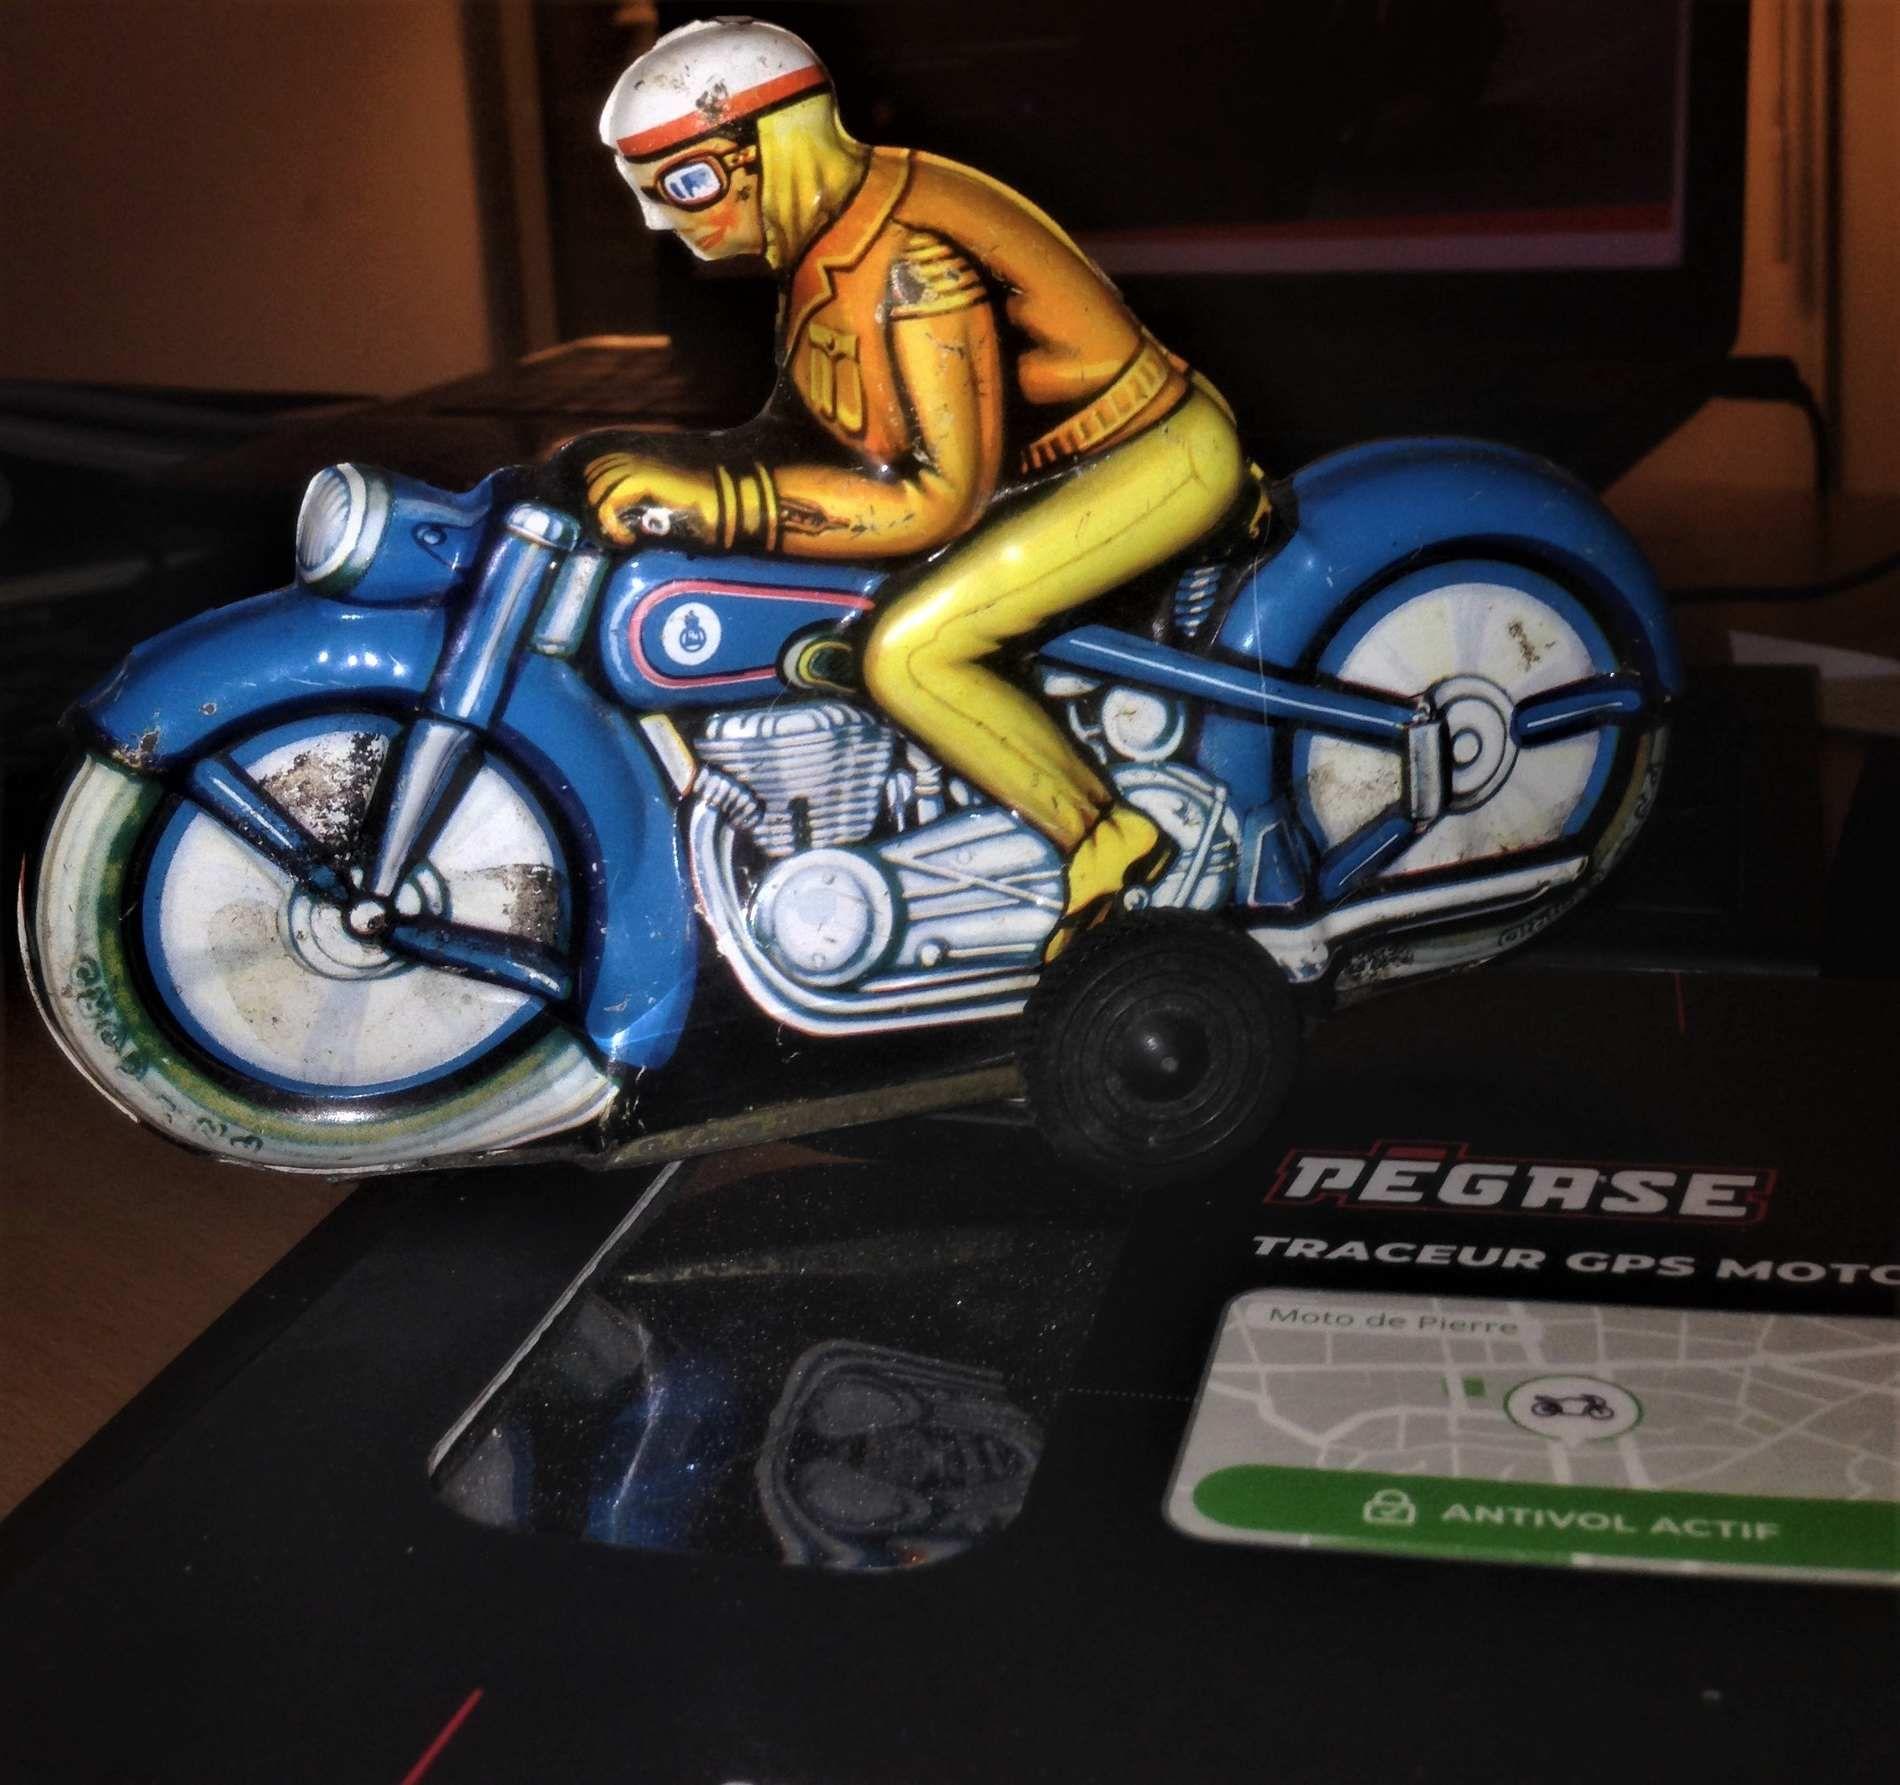 Un motard sur sa moto jouet à friction en fer blanc pour collectionneur